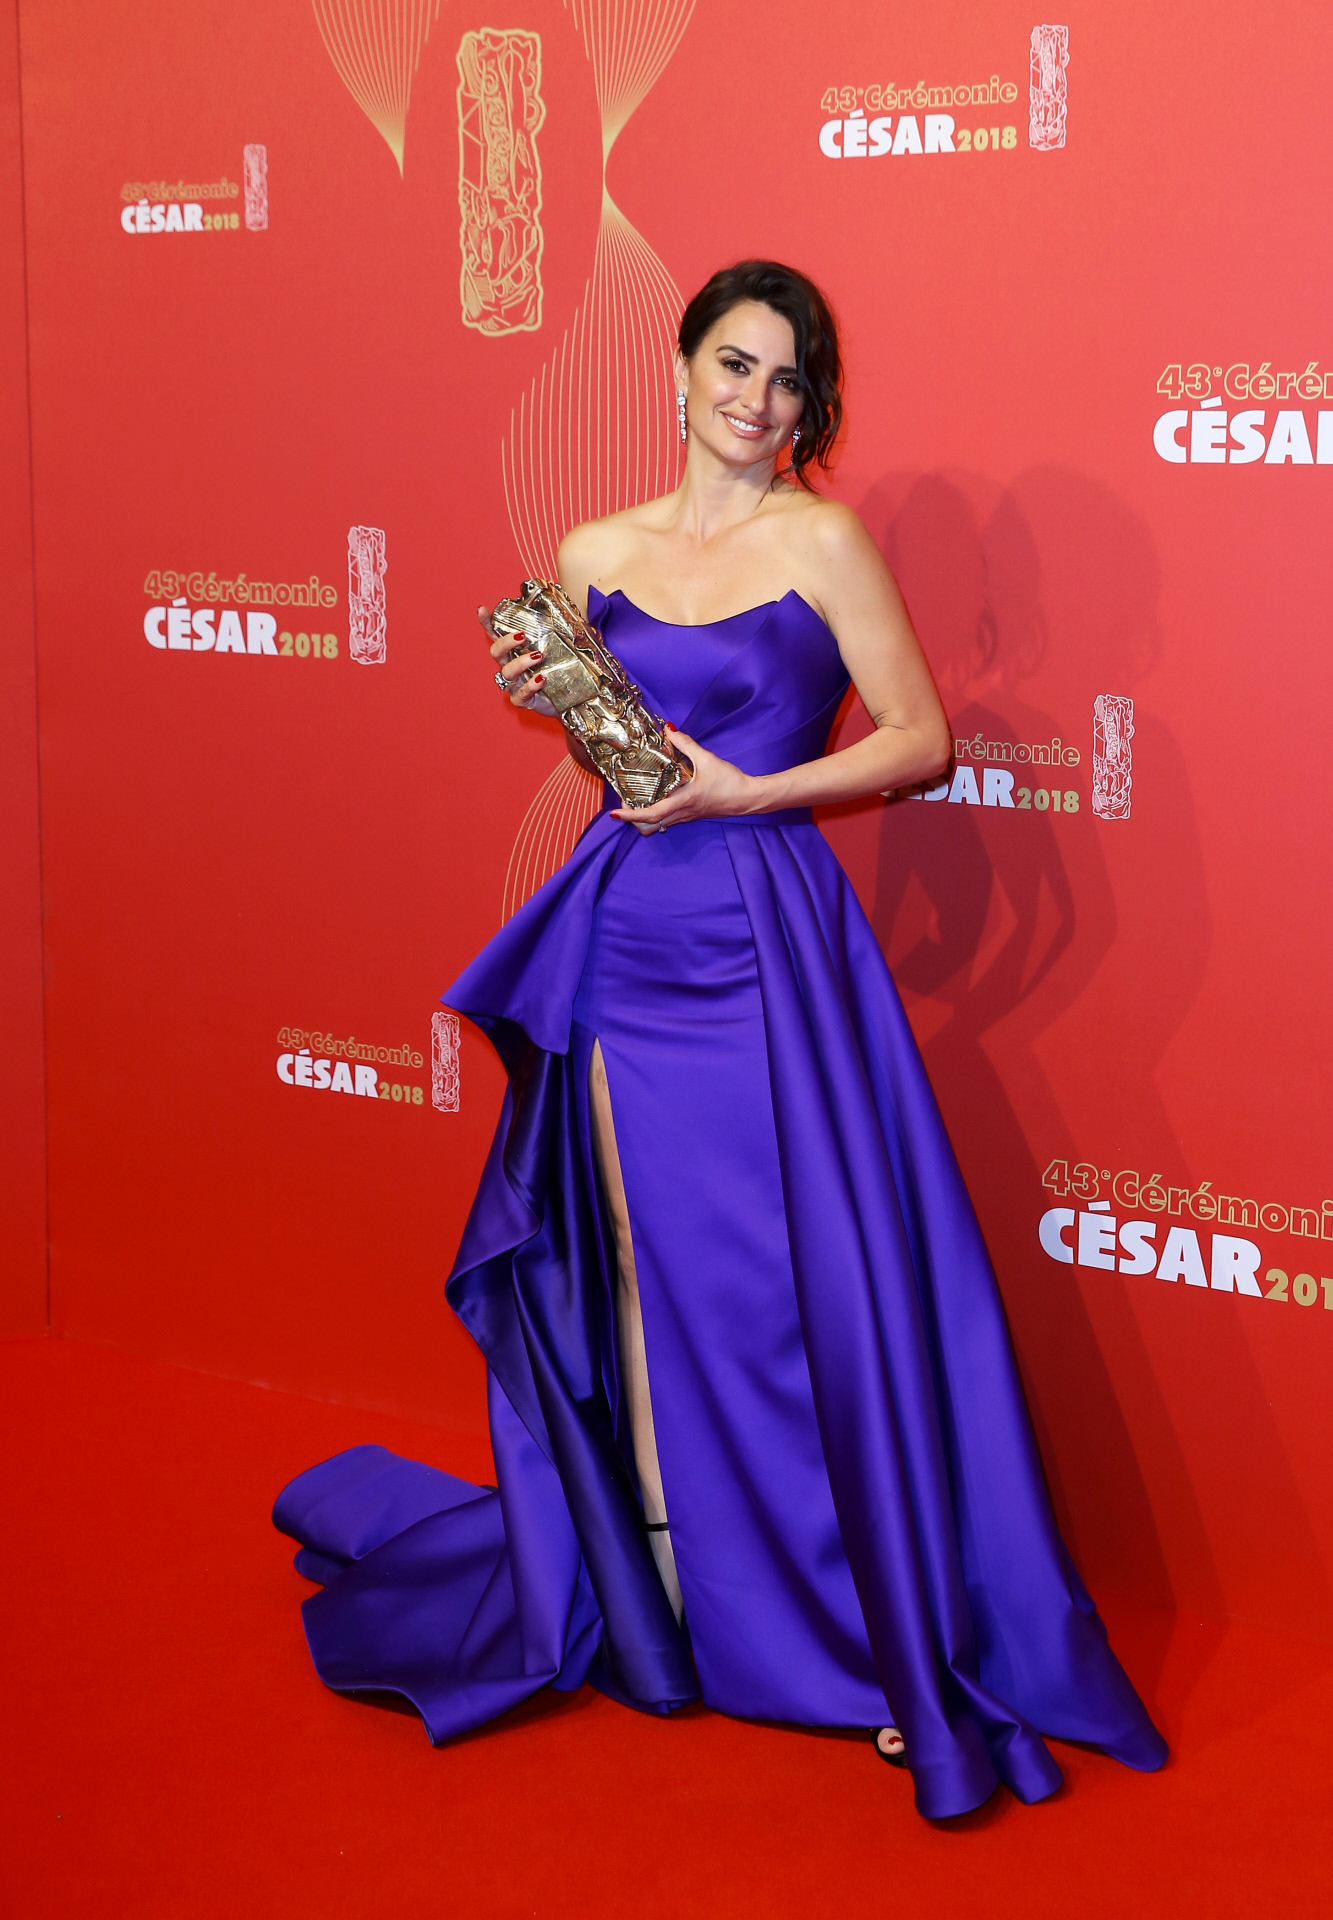 Penélope Cruz con vestido de Versace recoge el César de Honor 2018